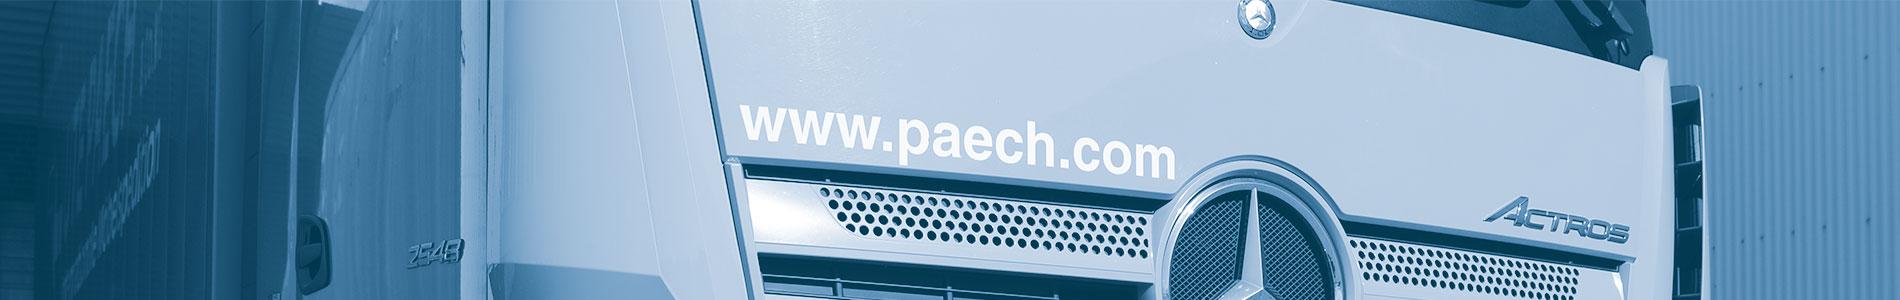 Ute Paech GmbH & Co. KG - Allgemeine Geschäftsbedingungen